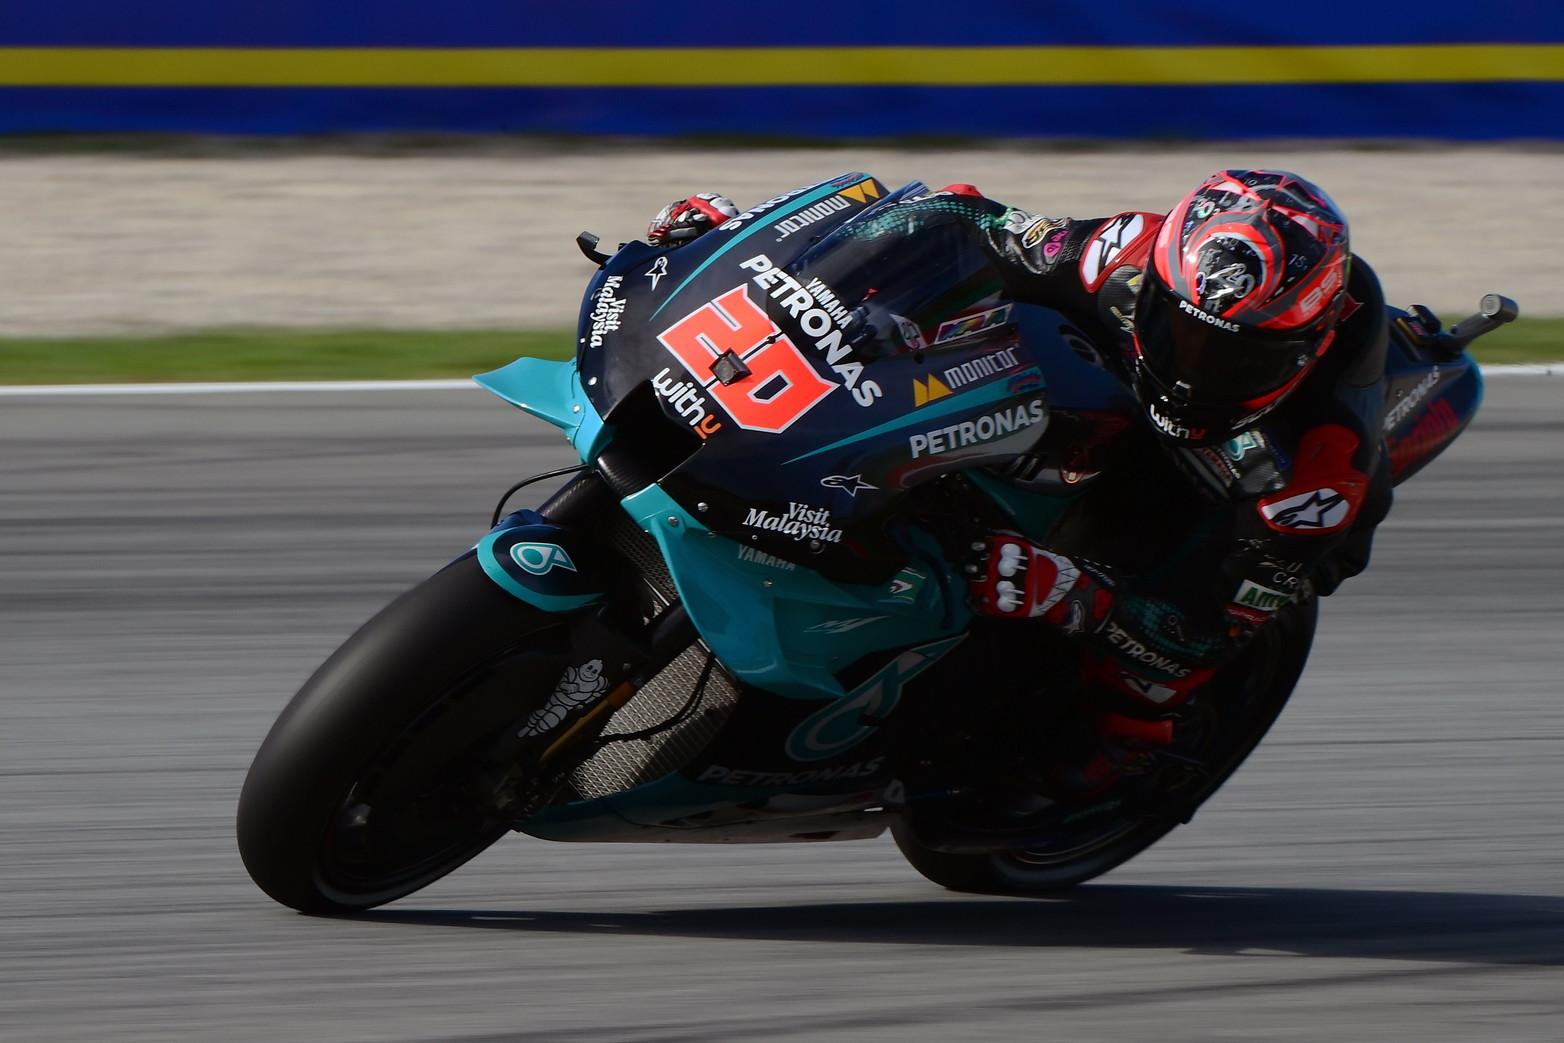 Il pilota del team Petronas conquista la pole position davanti a Quartararo e al futuro compagno Valentino Rossi<br /><br />